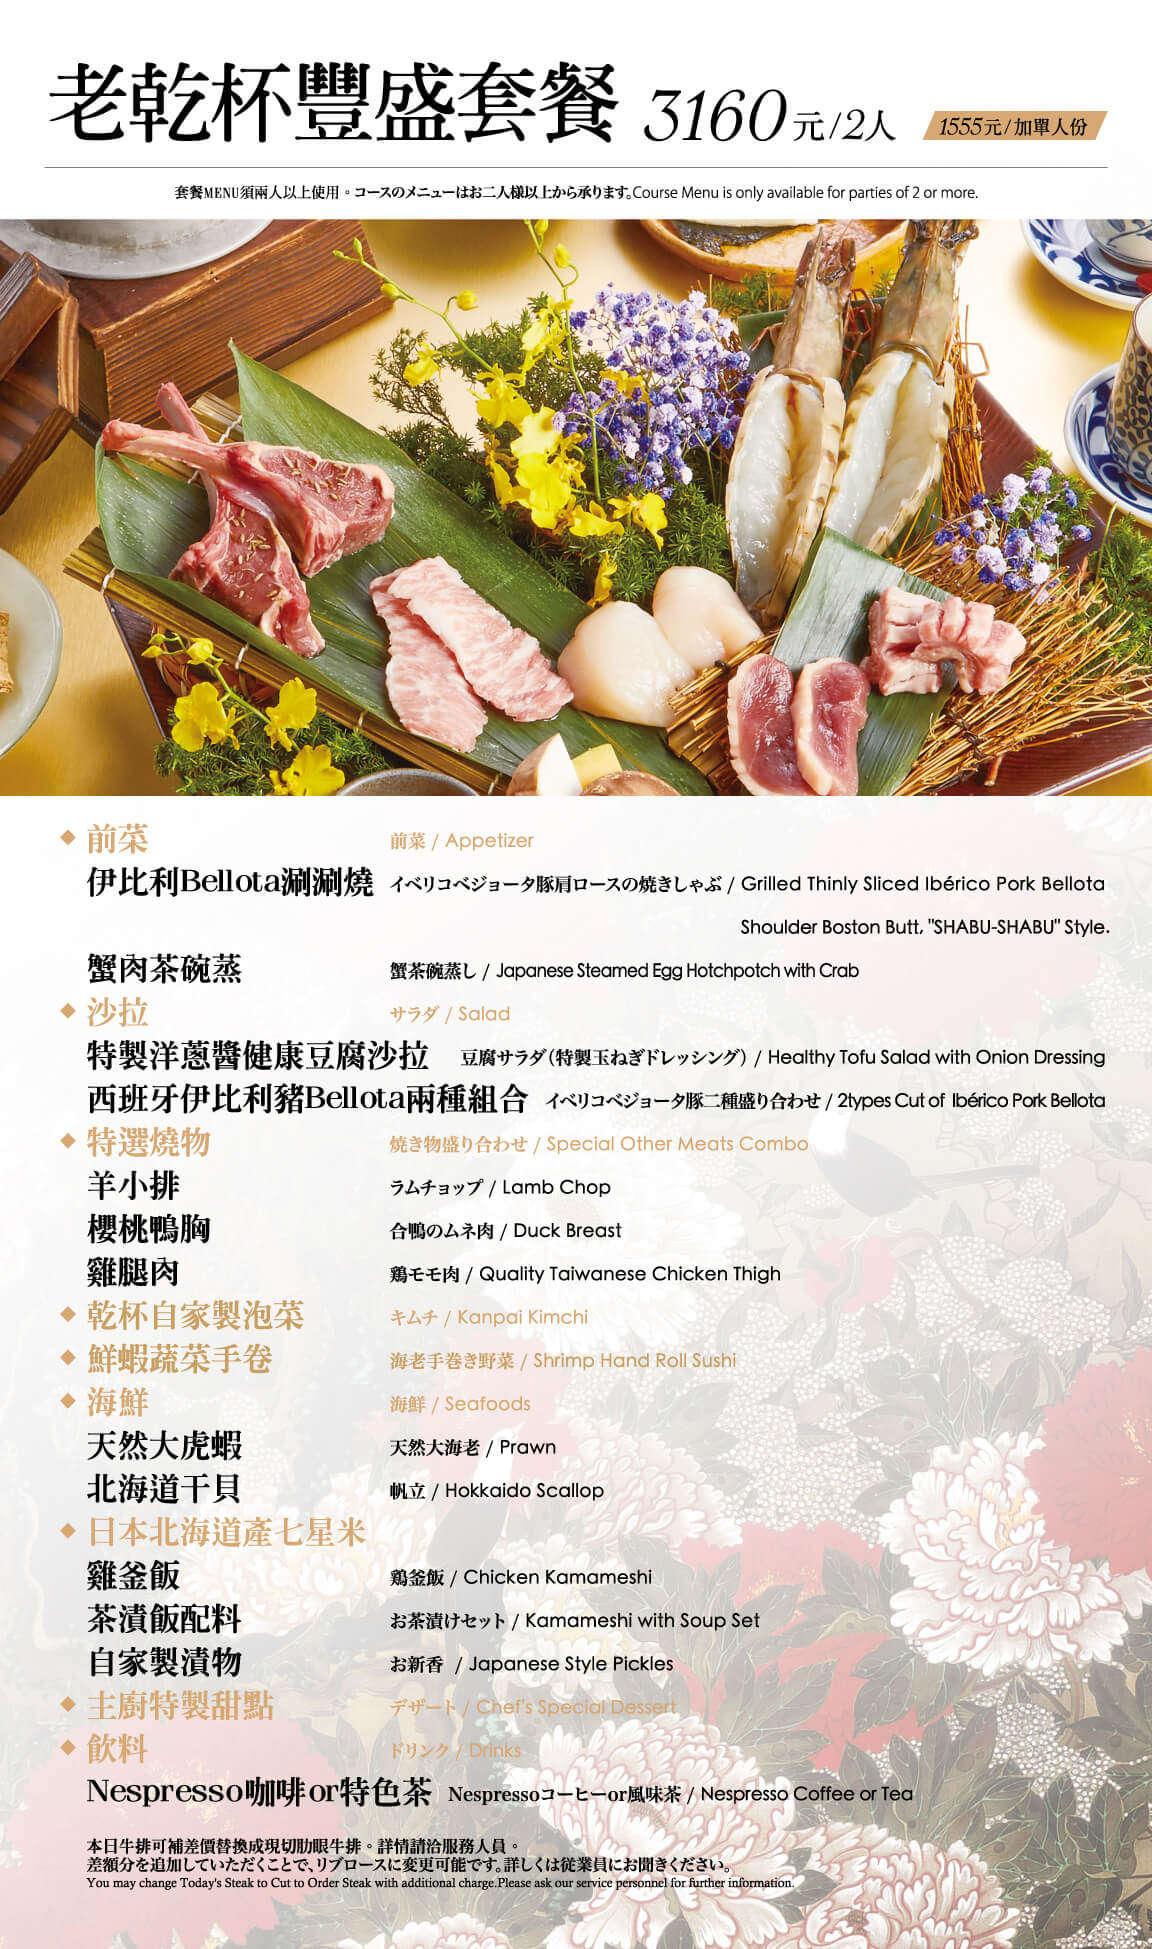 【食記】老乾杯-全球首家米其林燒肉餐廳|現切和牛燒肉|大直美麗新廣場